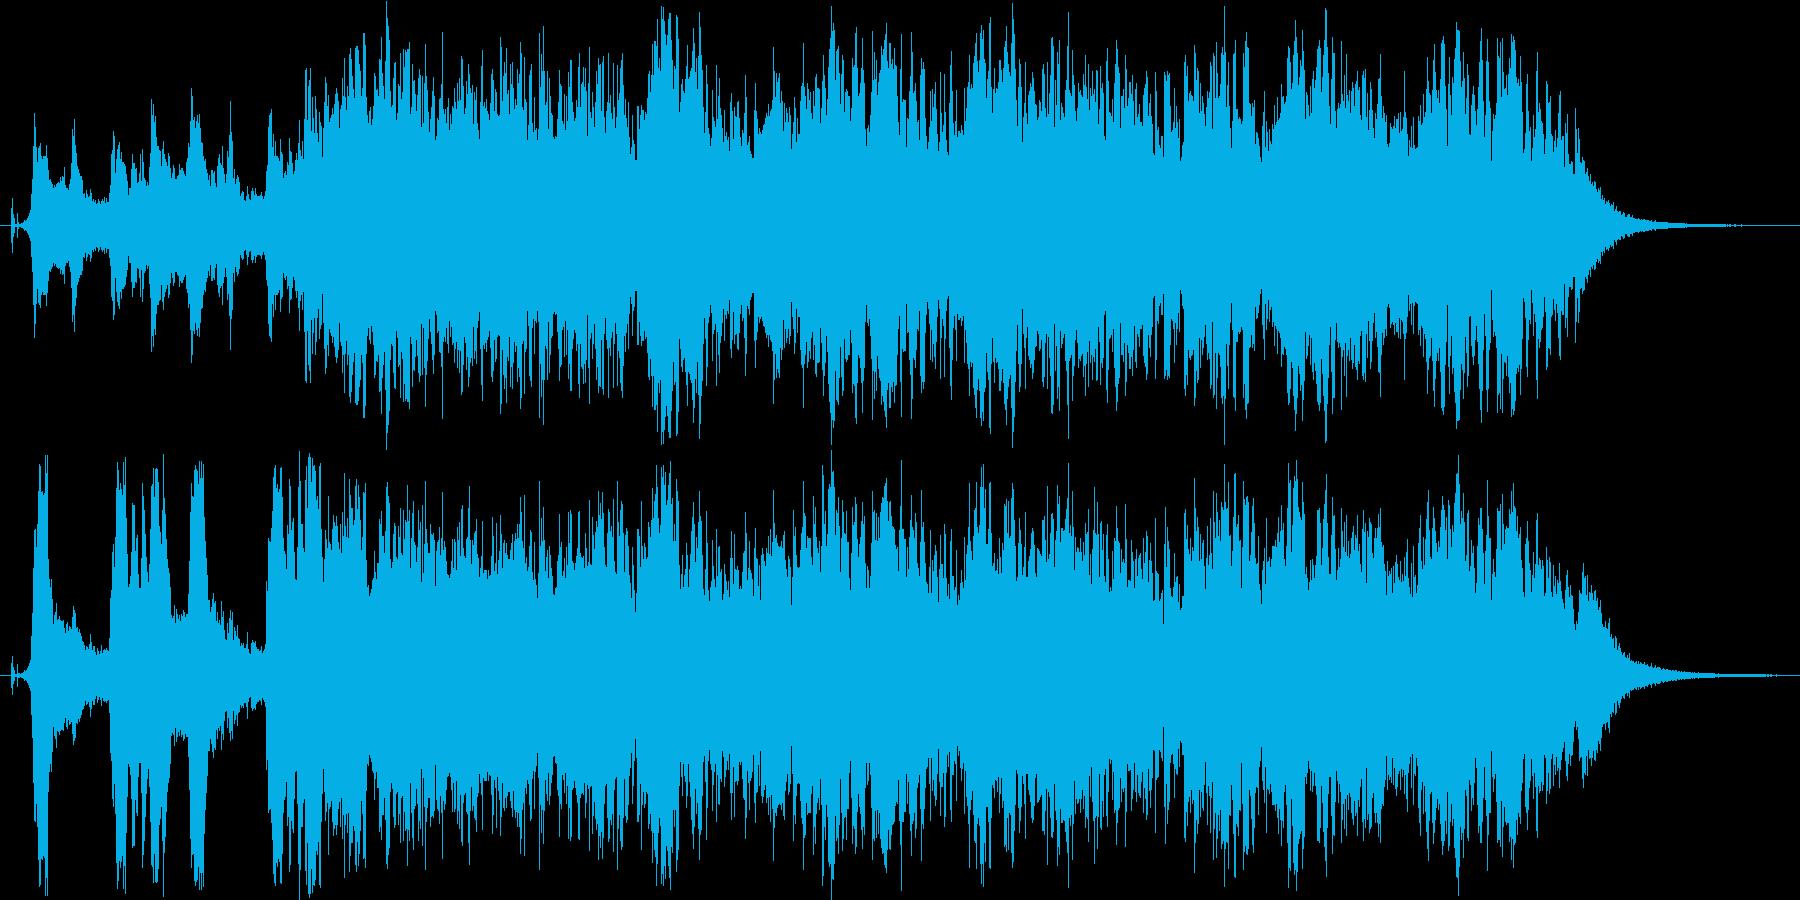 印象的なストリングスとエレキベースの再生済みの波形